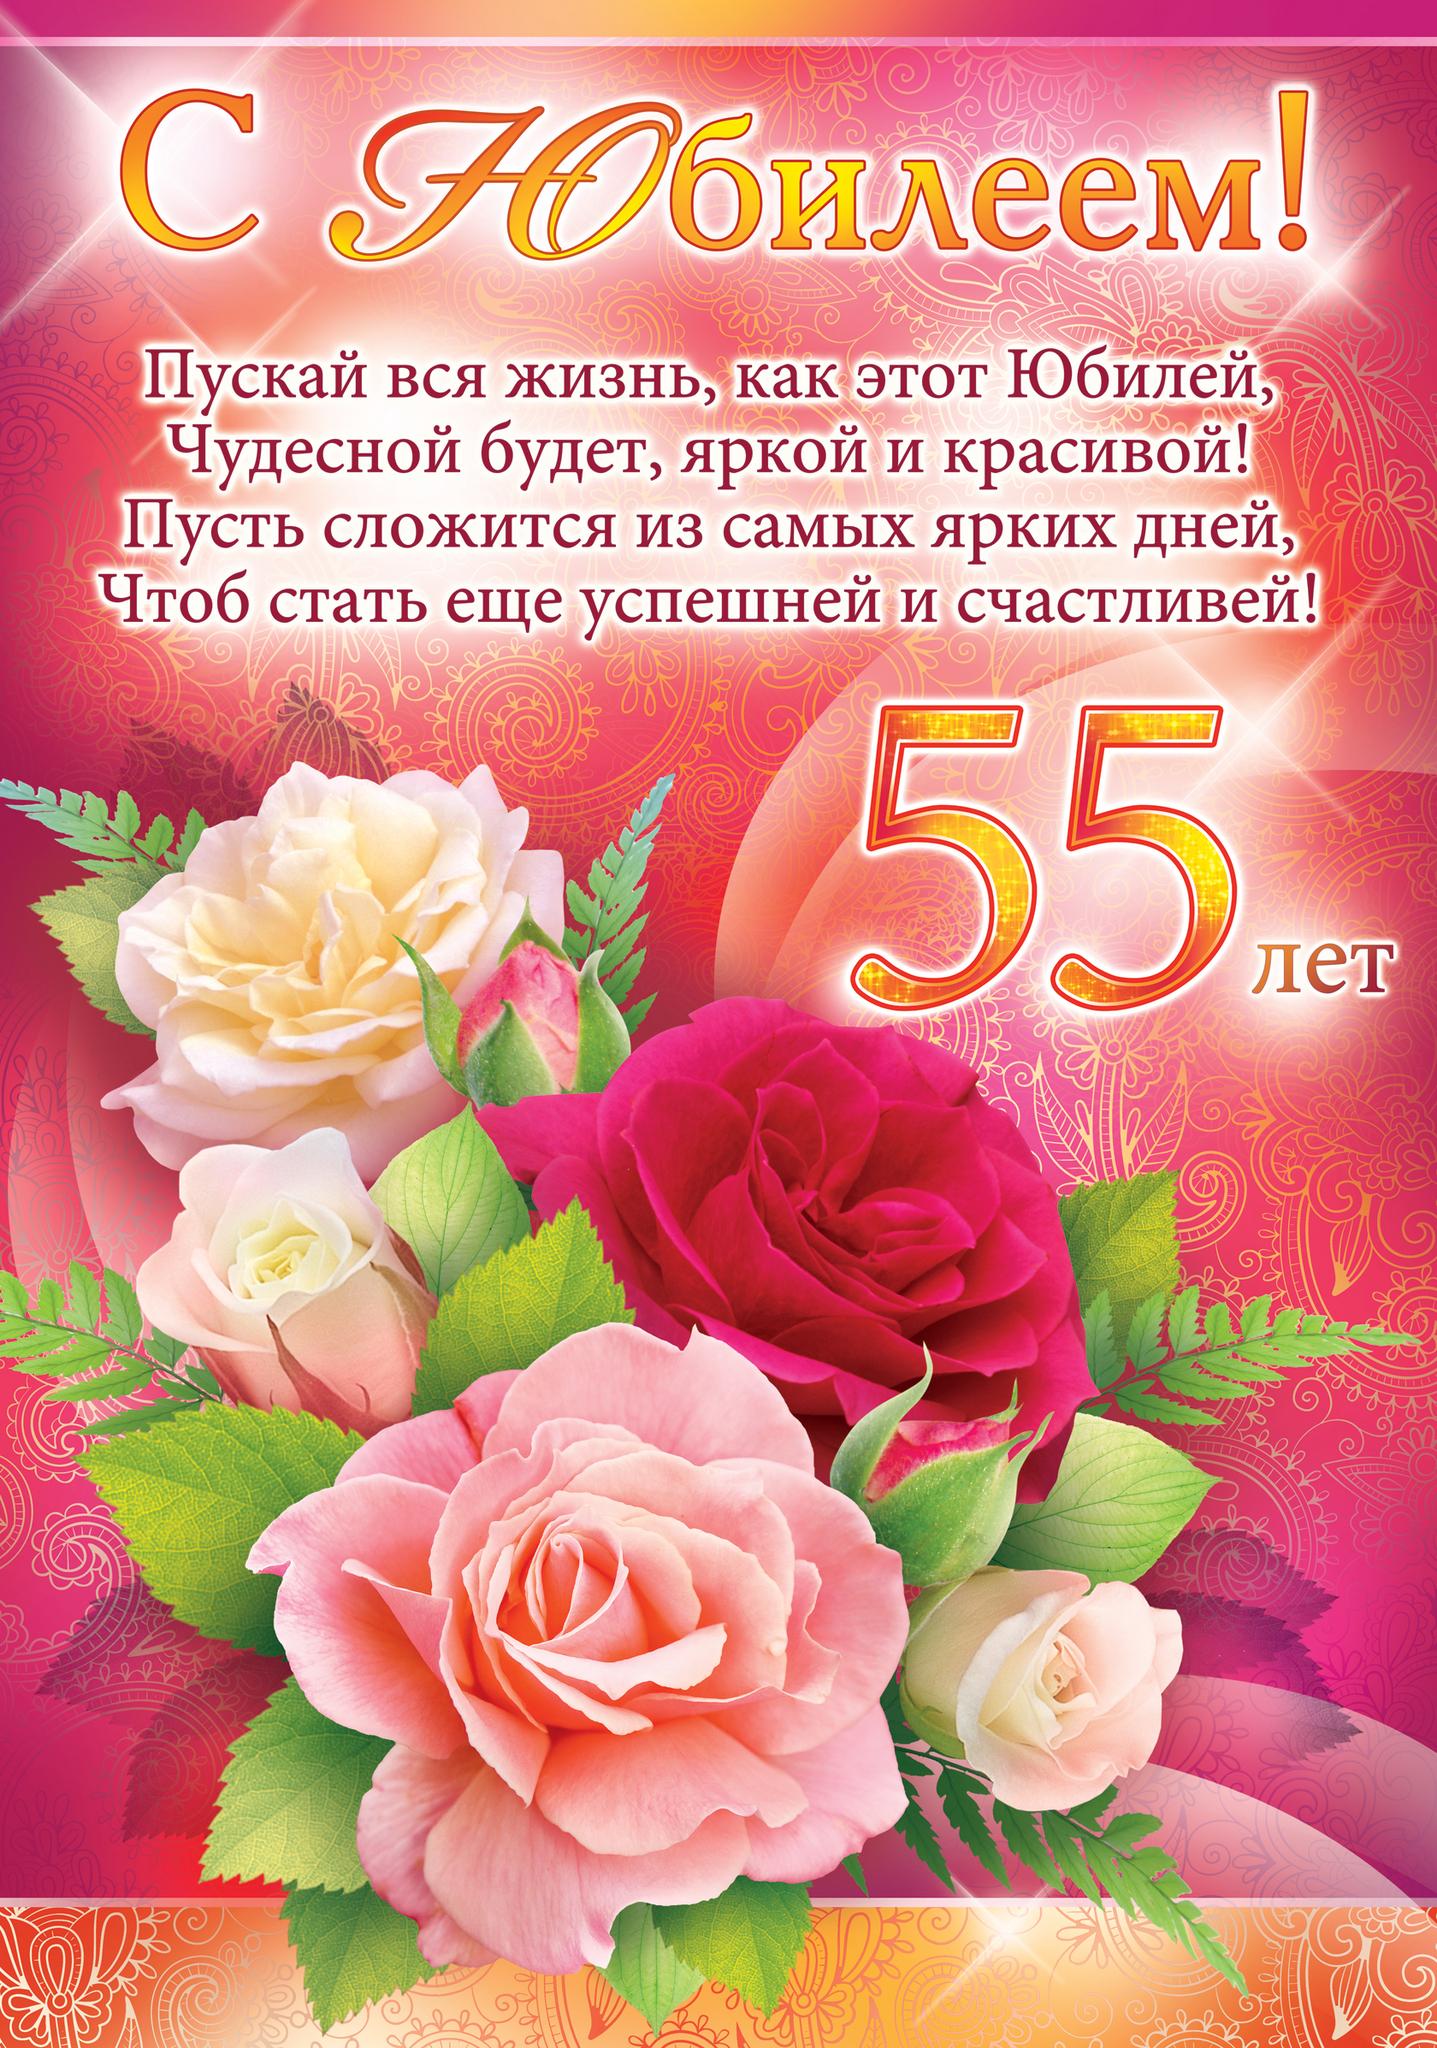 Поздравить с днём рождения с 55 летием